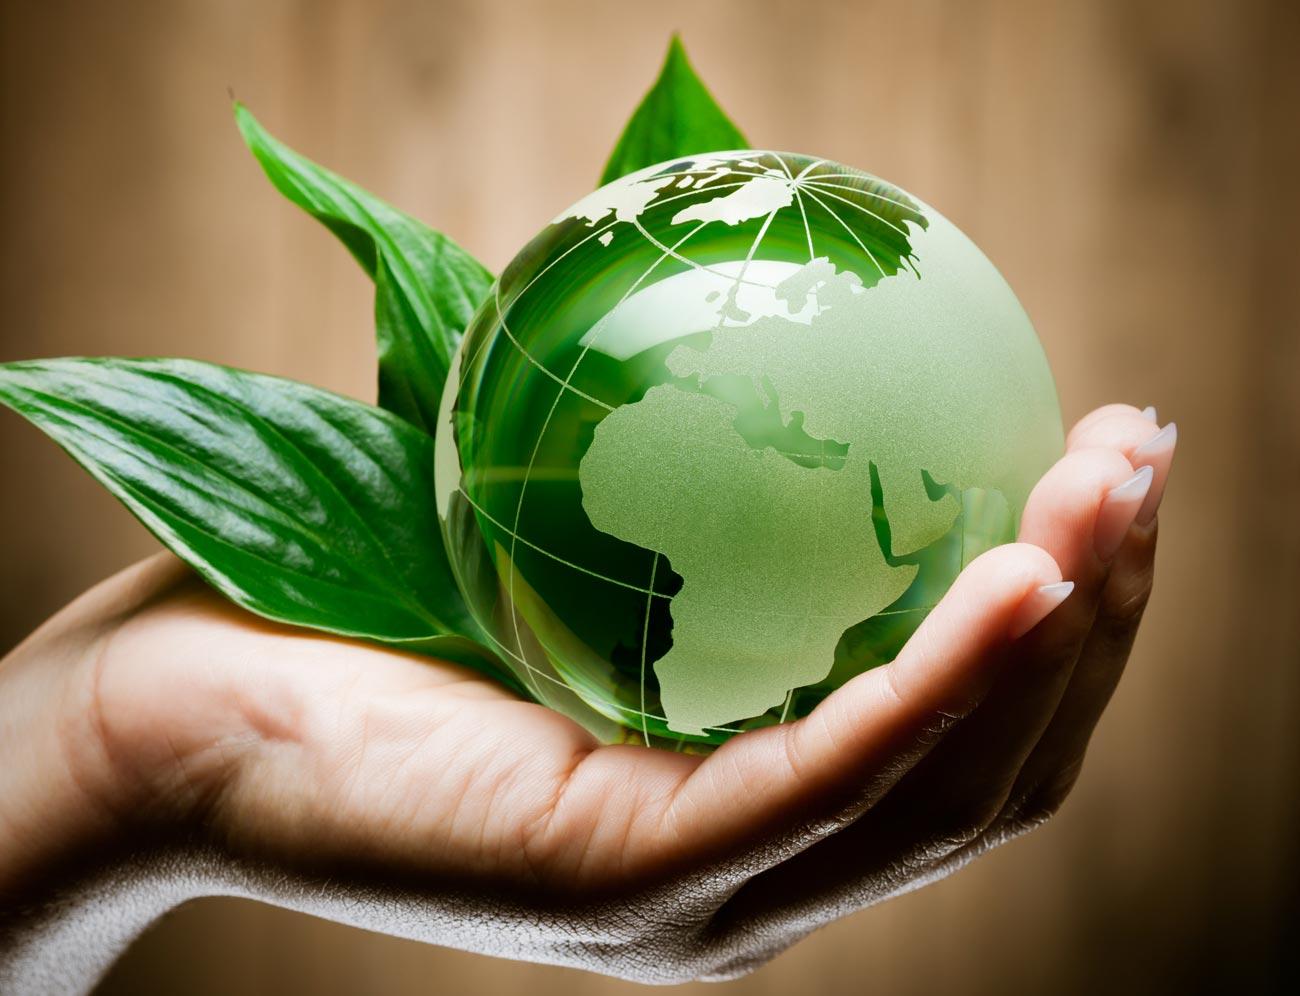 Sviluppato nuovo e versatile compound termoplastico biobased e biodegradabile